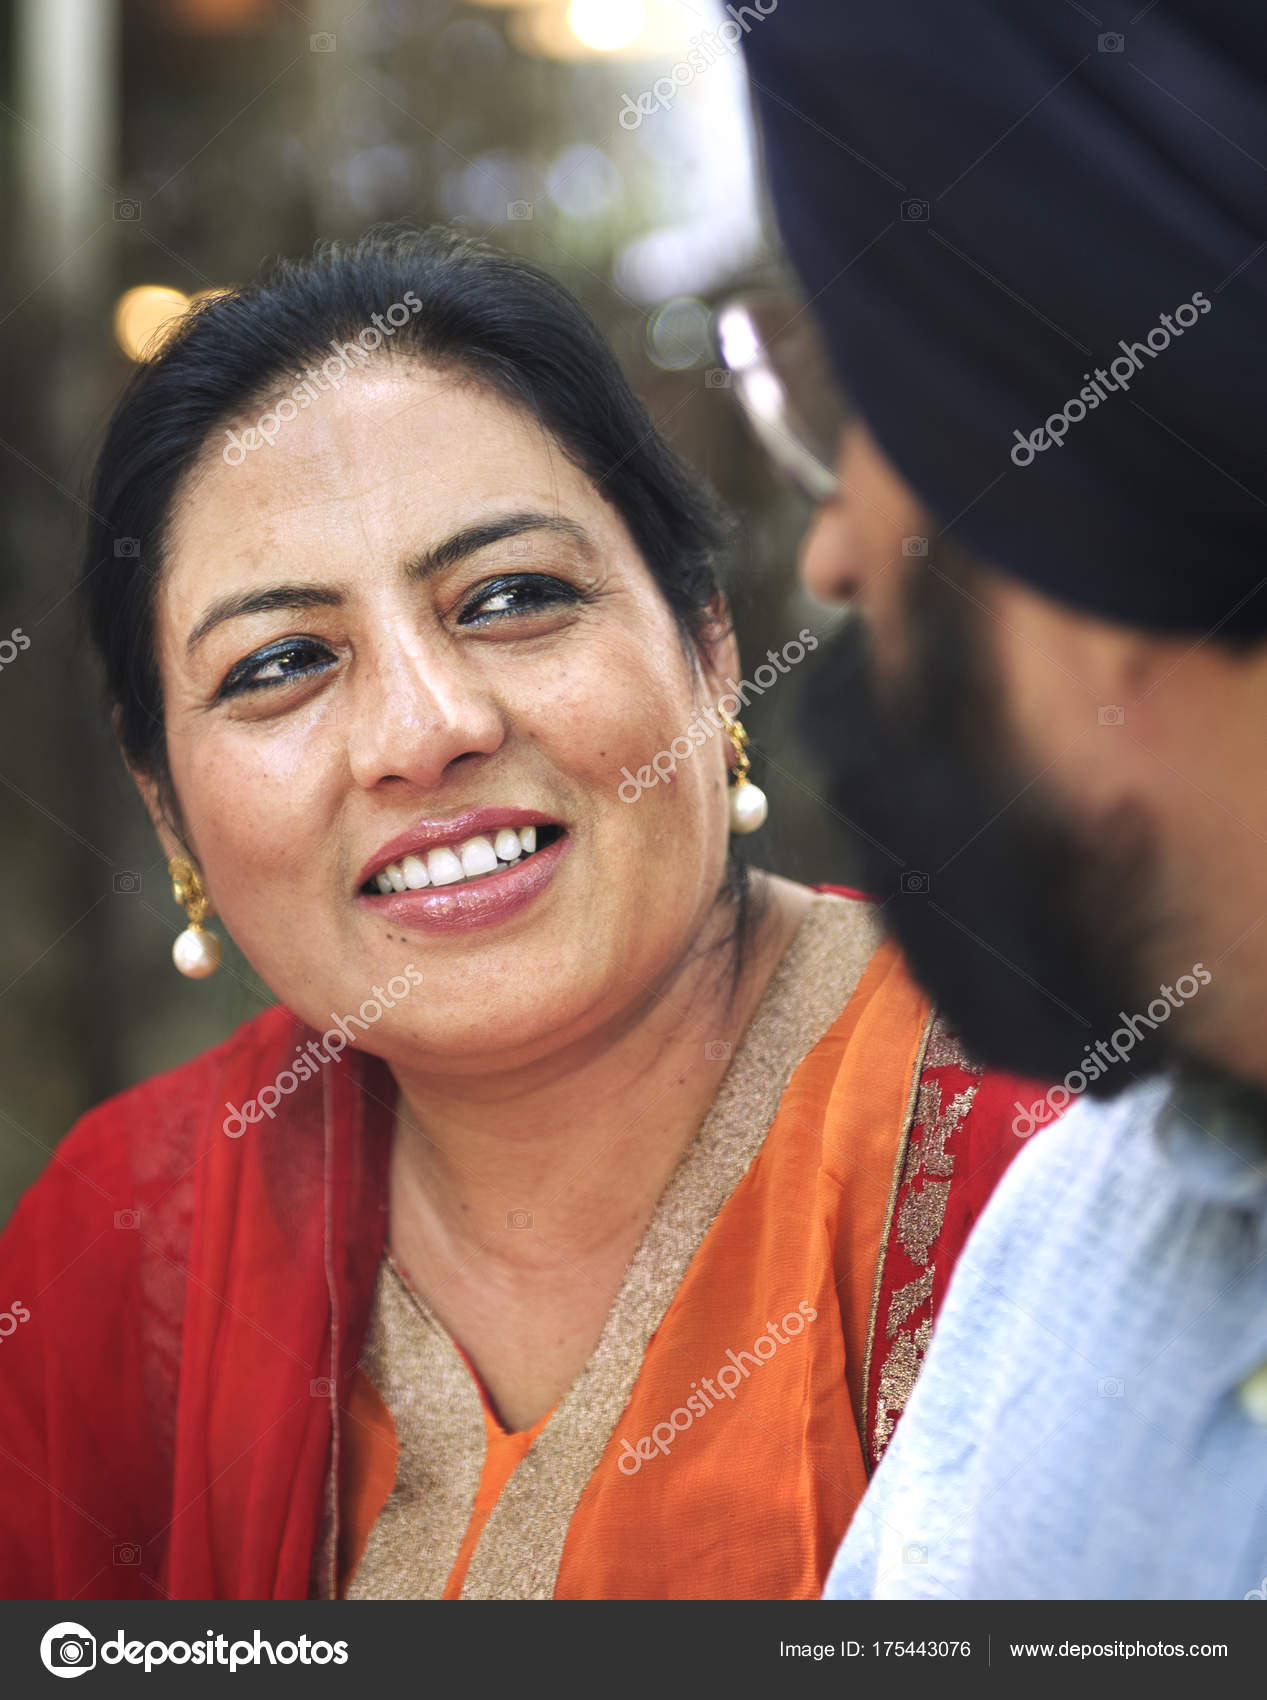 recherche femme indienne